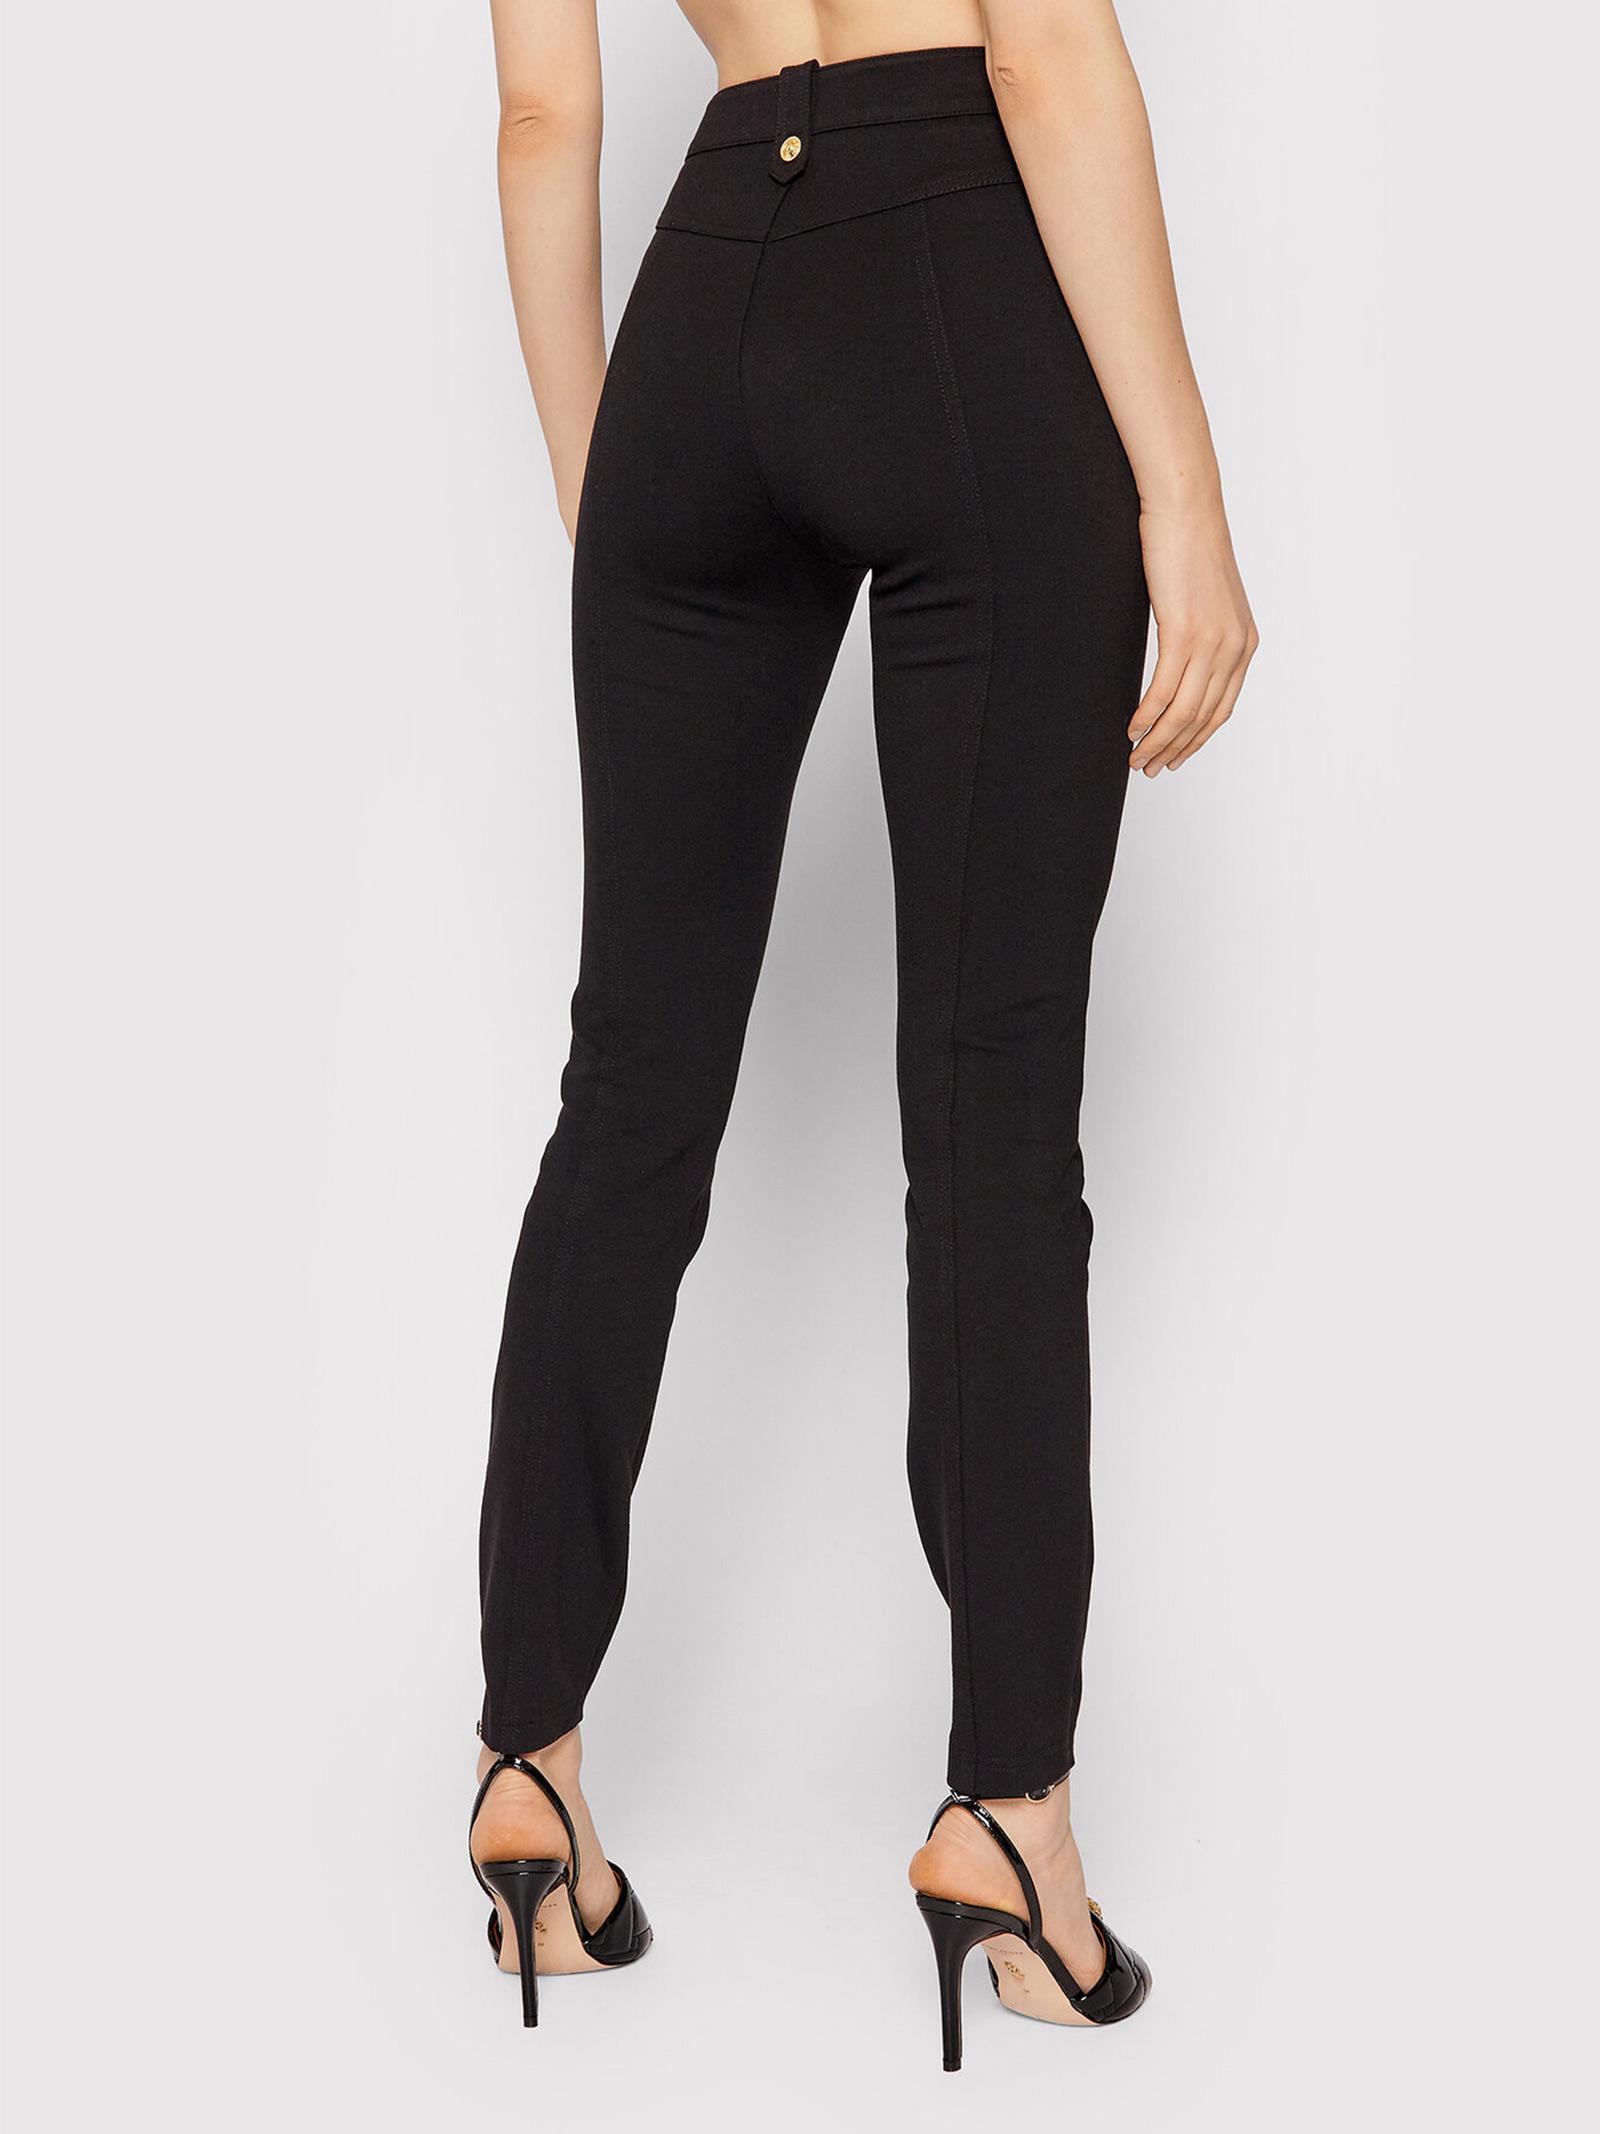 Pantaloni stretch gold VERSACE JEANS | Pantaloni | 71HAA109899